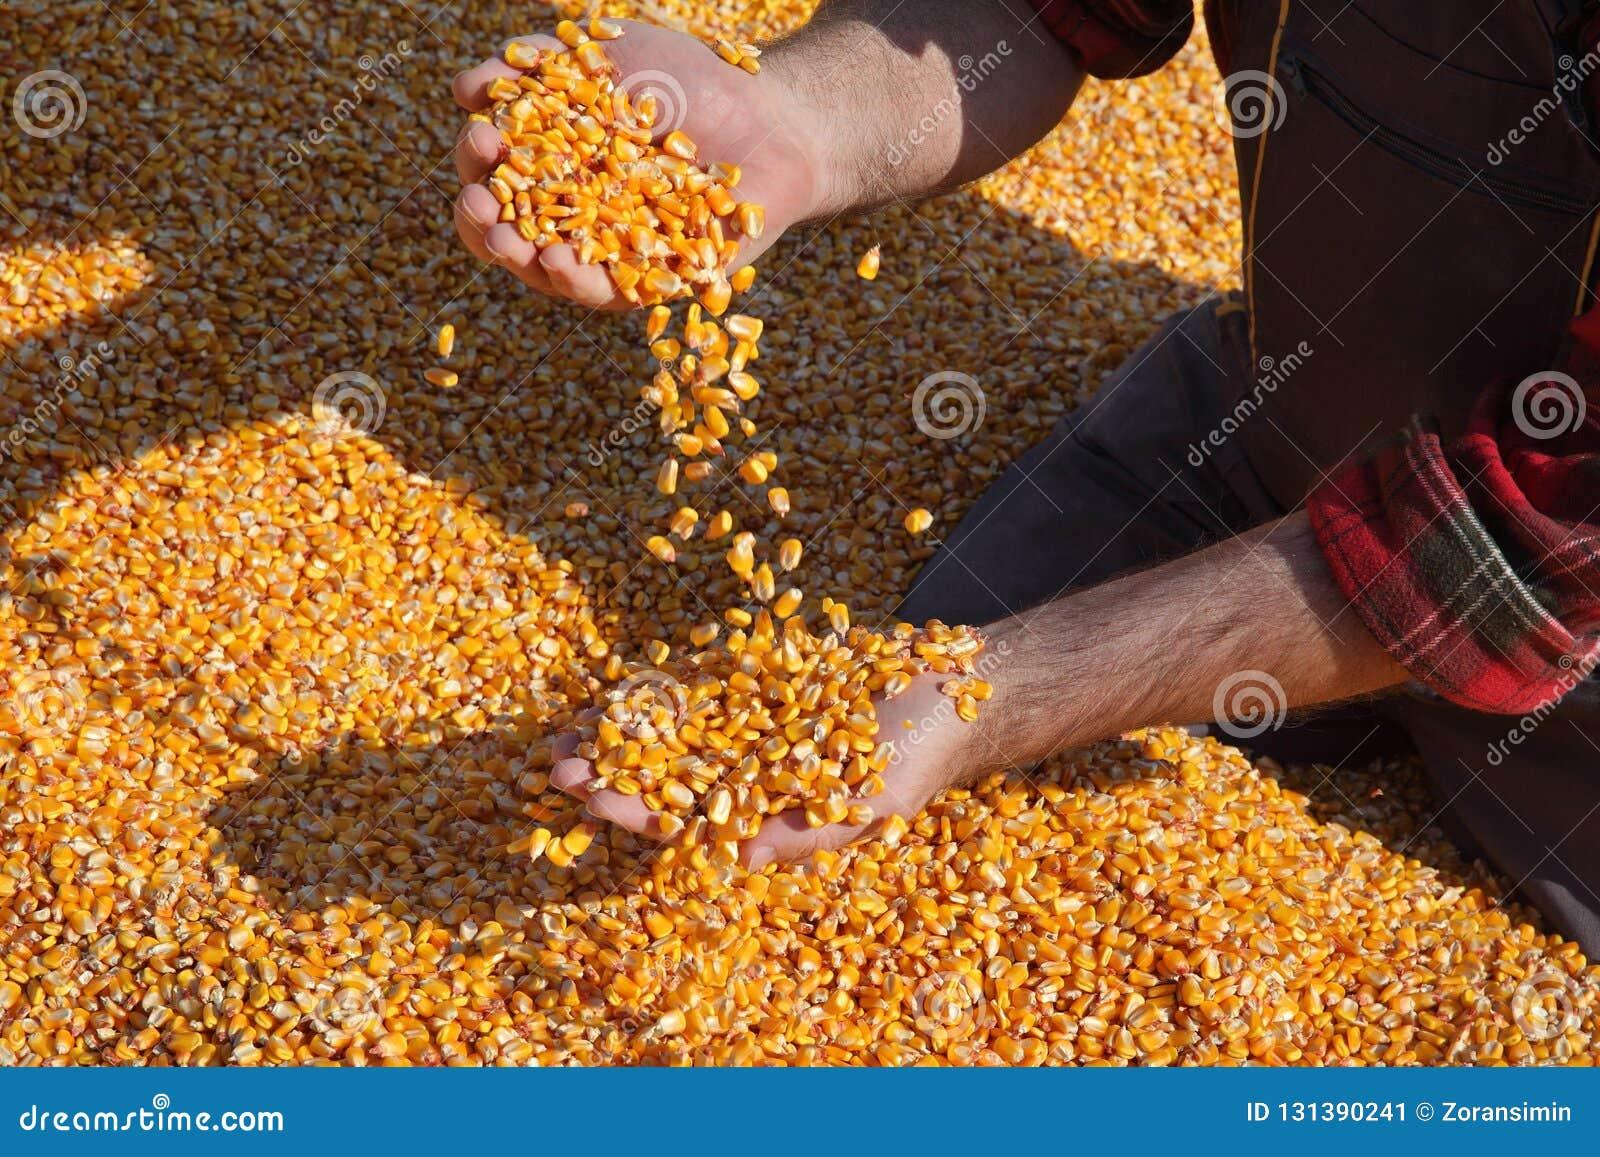 Сбор мозоли, семя фермера держа и лить, крупный план рук с семенем